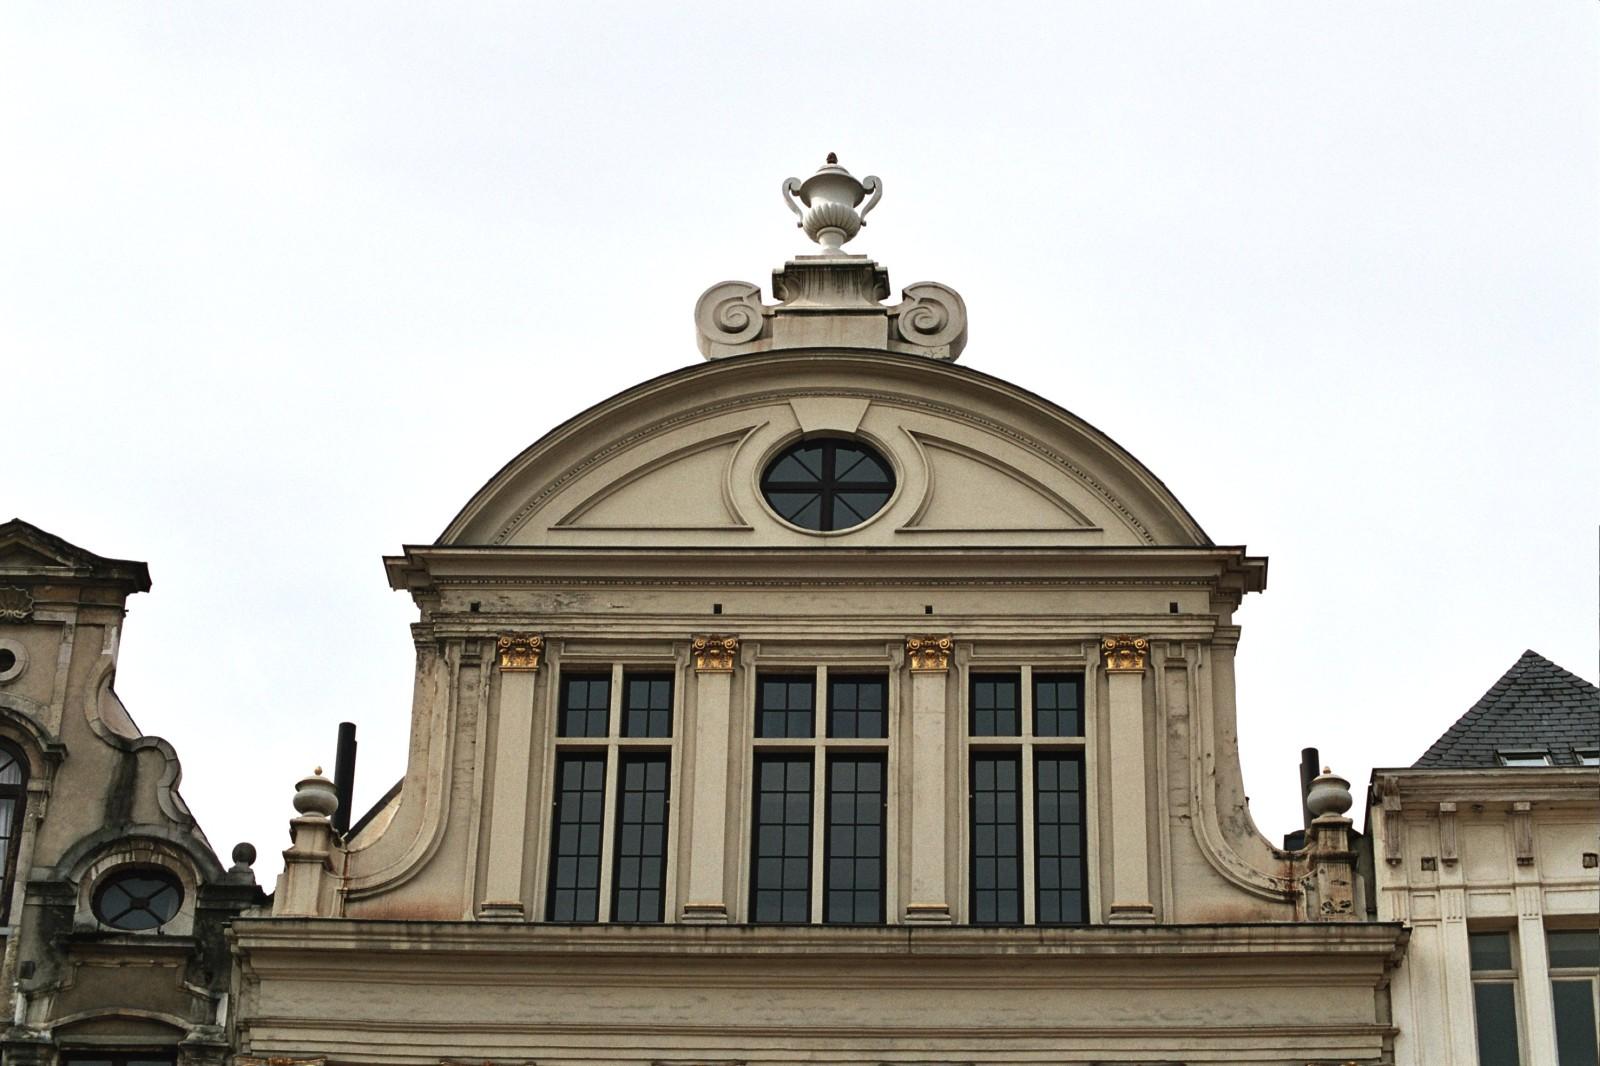 Pignon à un seul registre, rue du Marché aux Herbes 89, Bruxelles, 1696., 2005